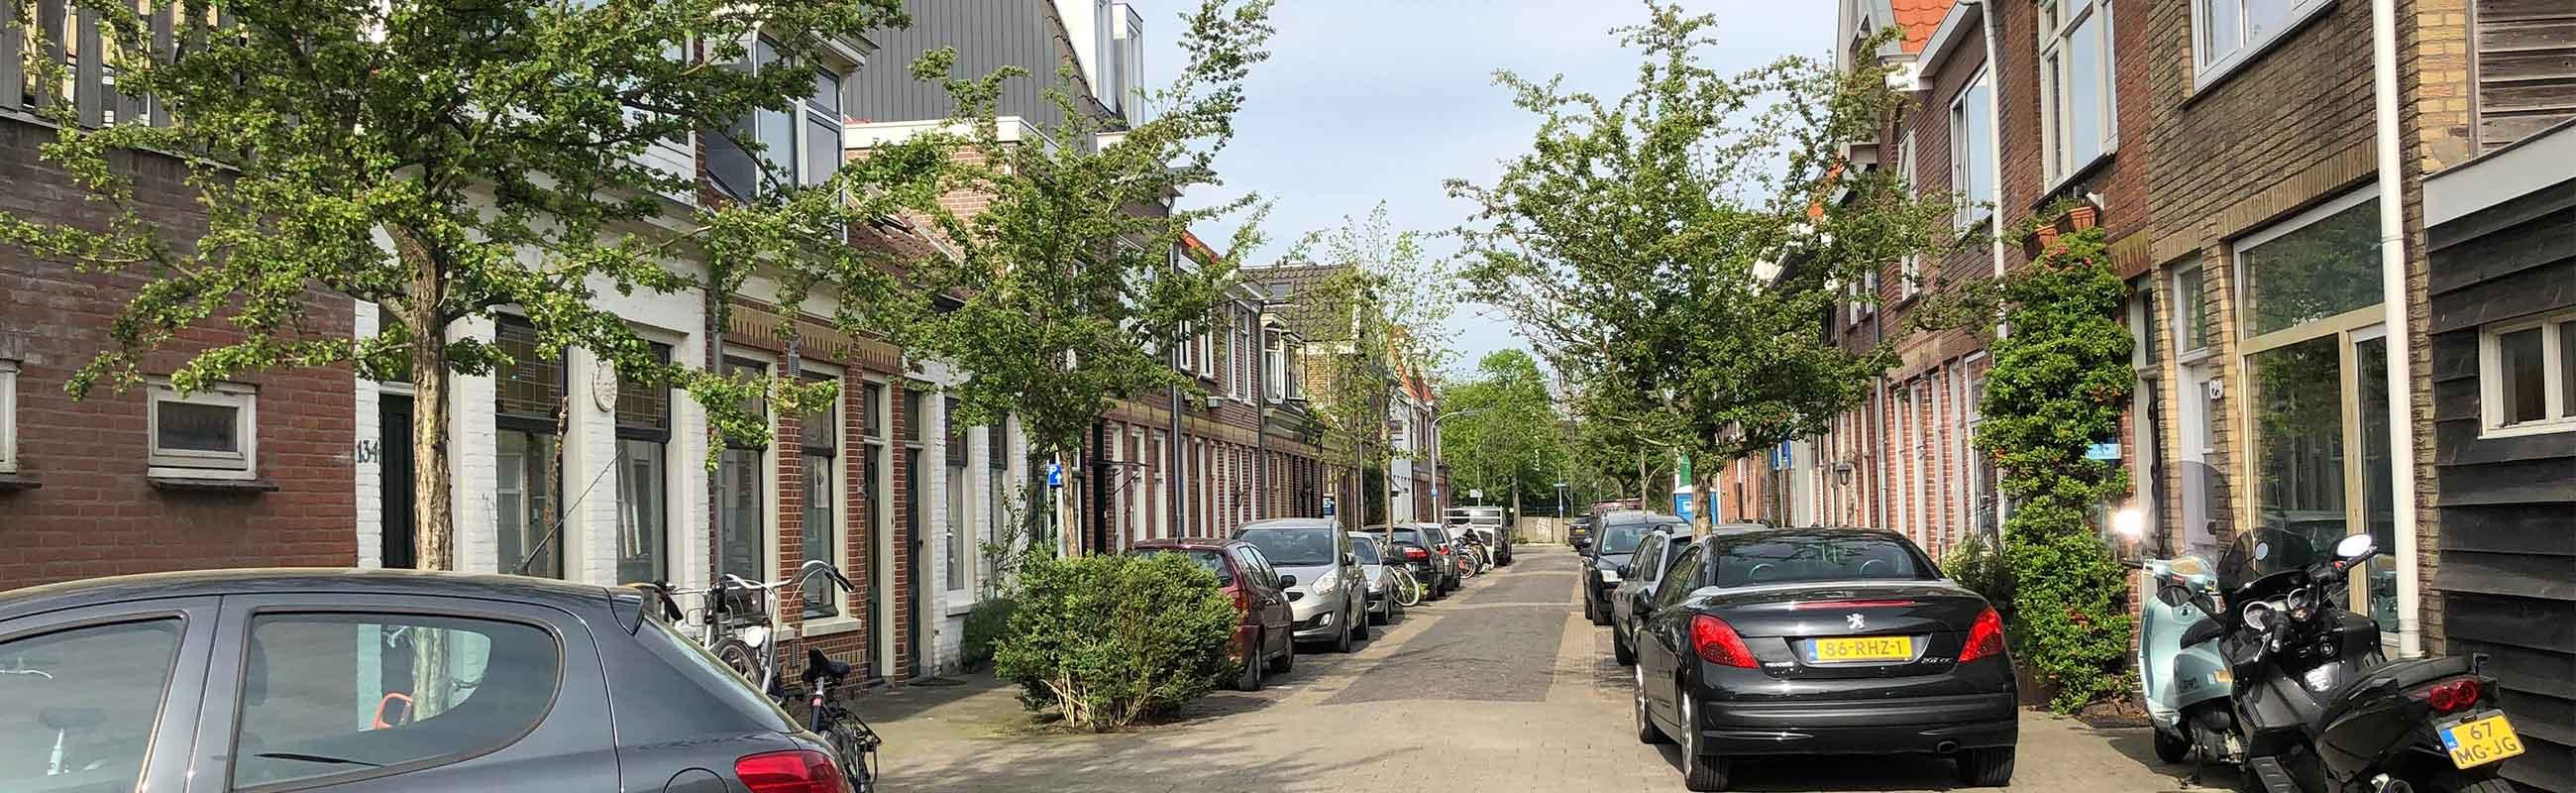 Koop en huurwoningen in de Leidsebuurt west in het Zijlwegkwartier in Haarlem zuidwest